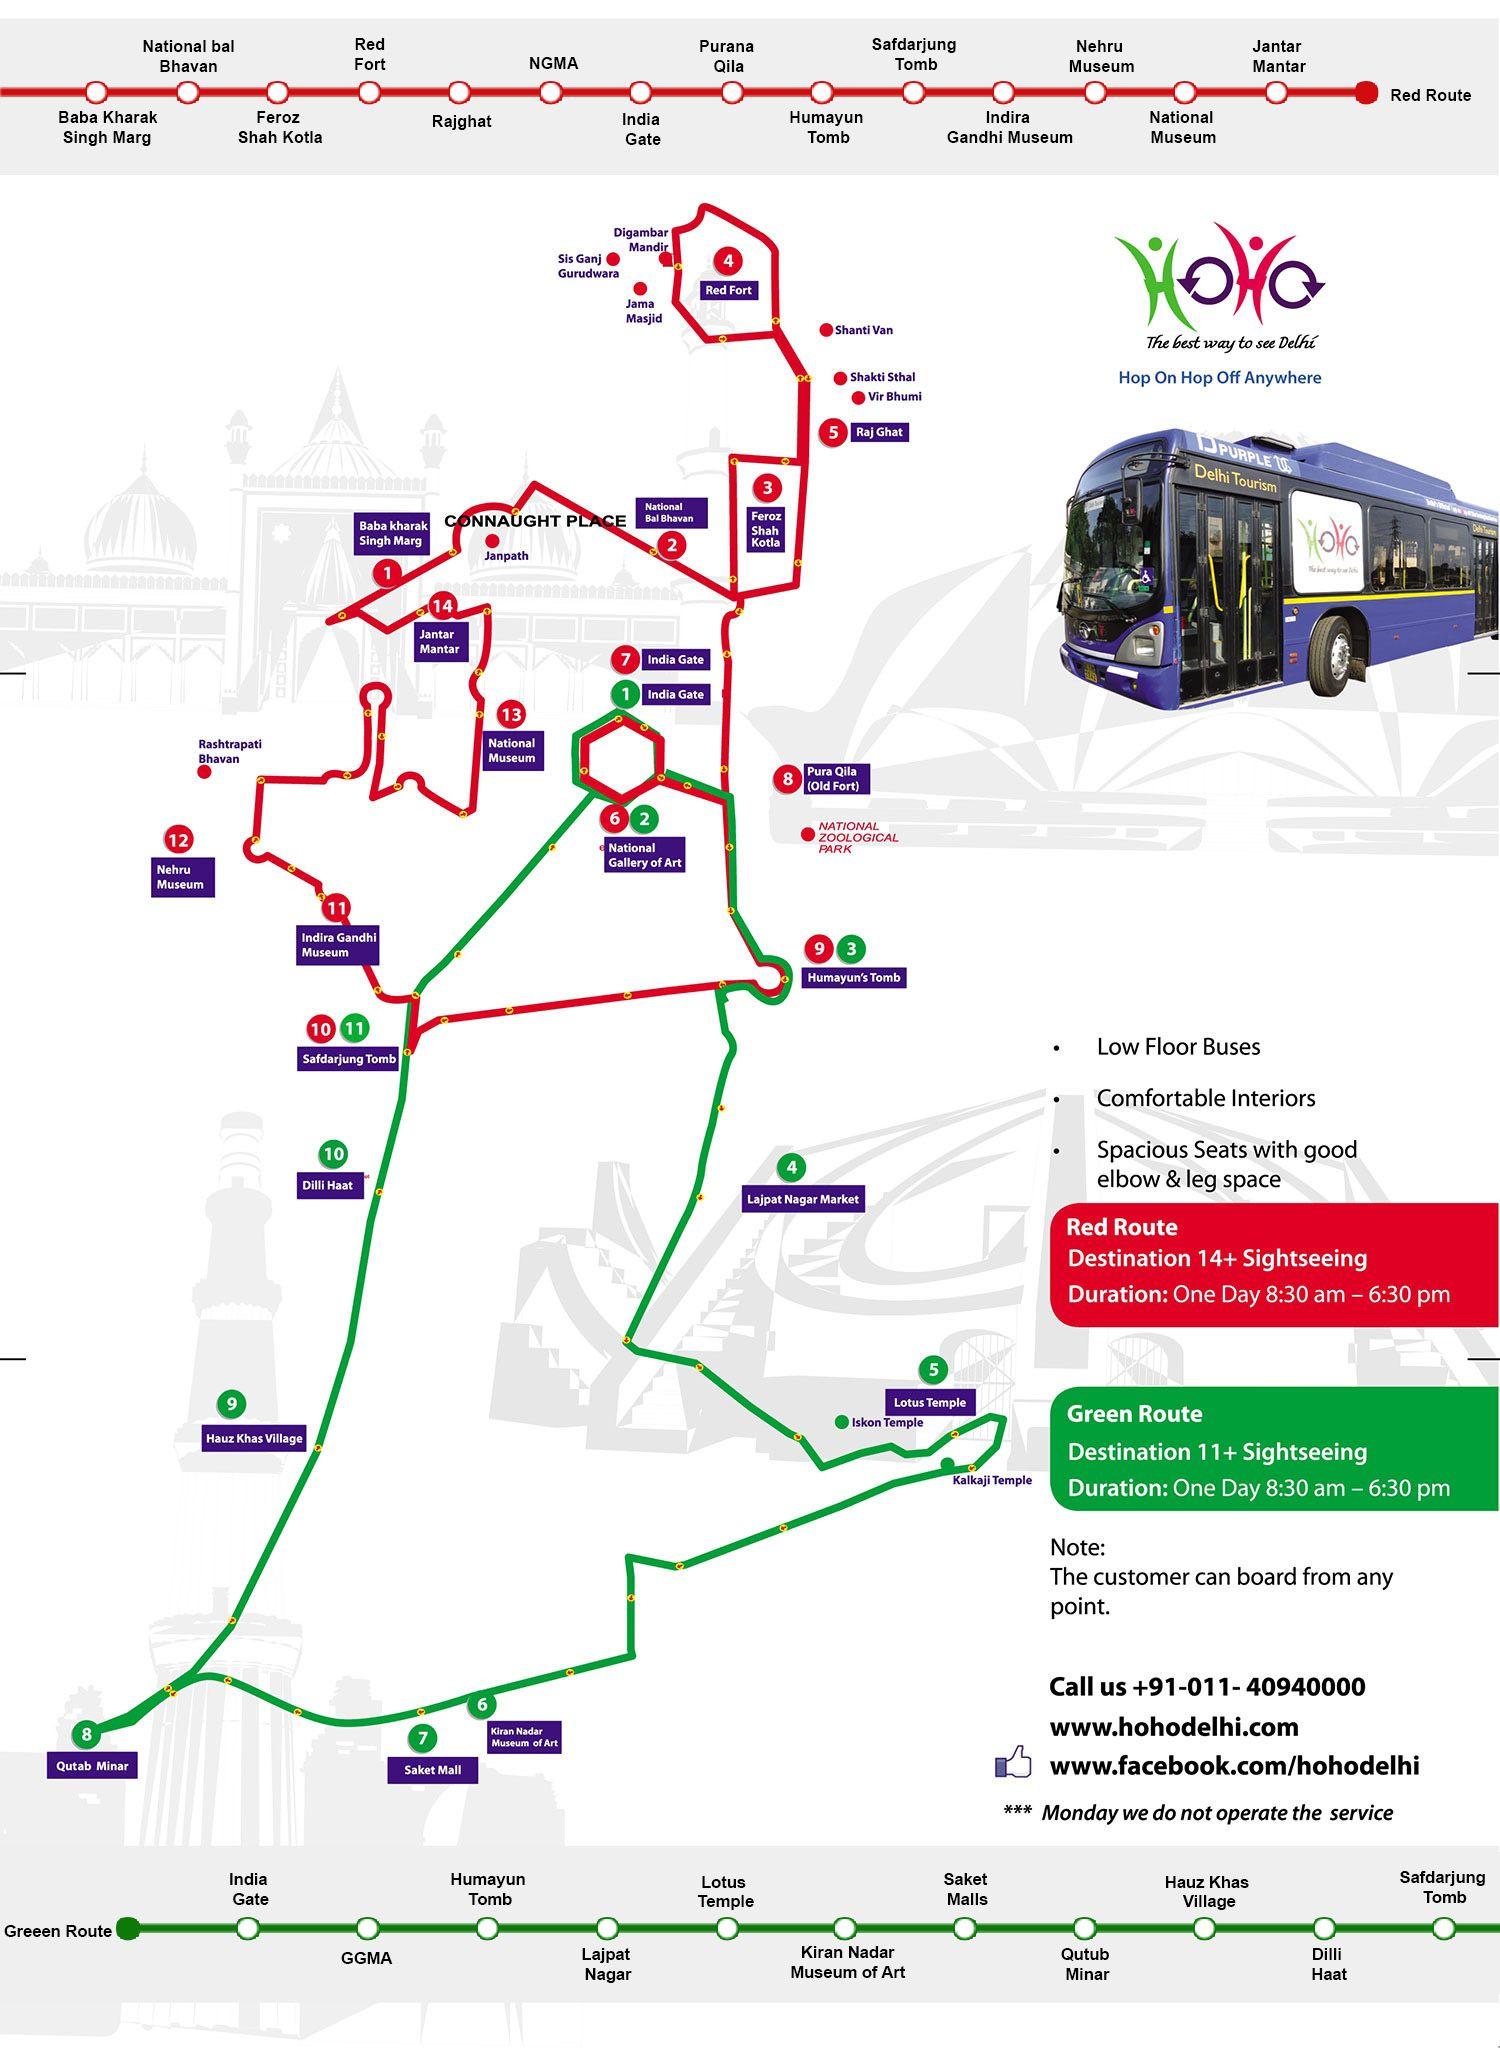 Hop On Hop Off Route Map Hop On Hop Off Delhi SightseeingTour - Us bus routes map